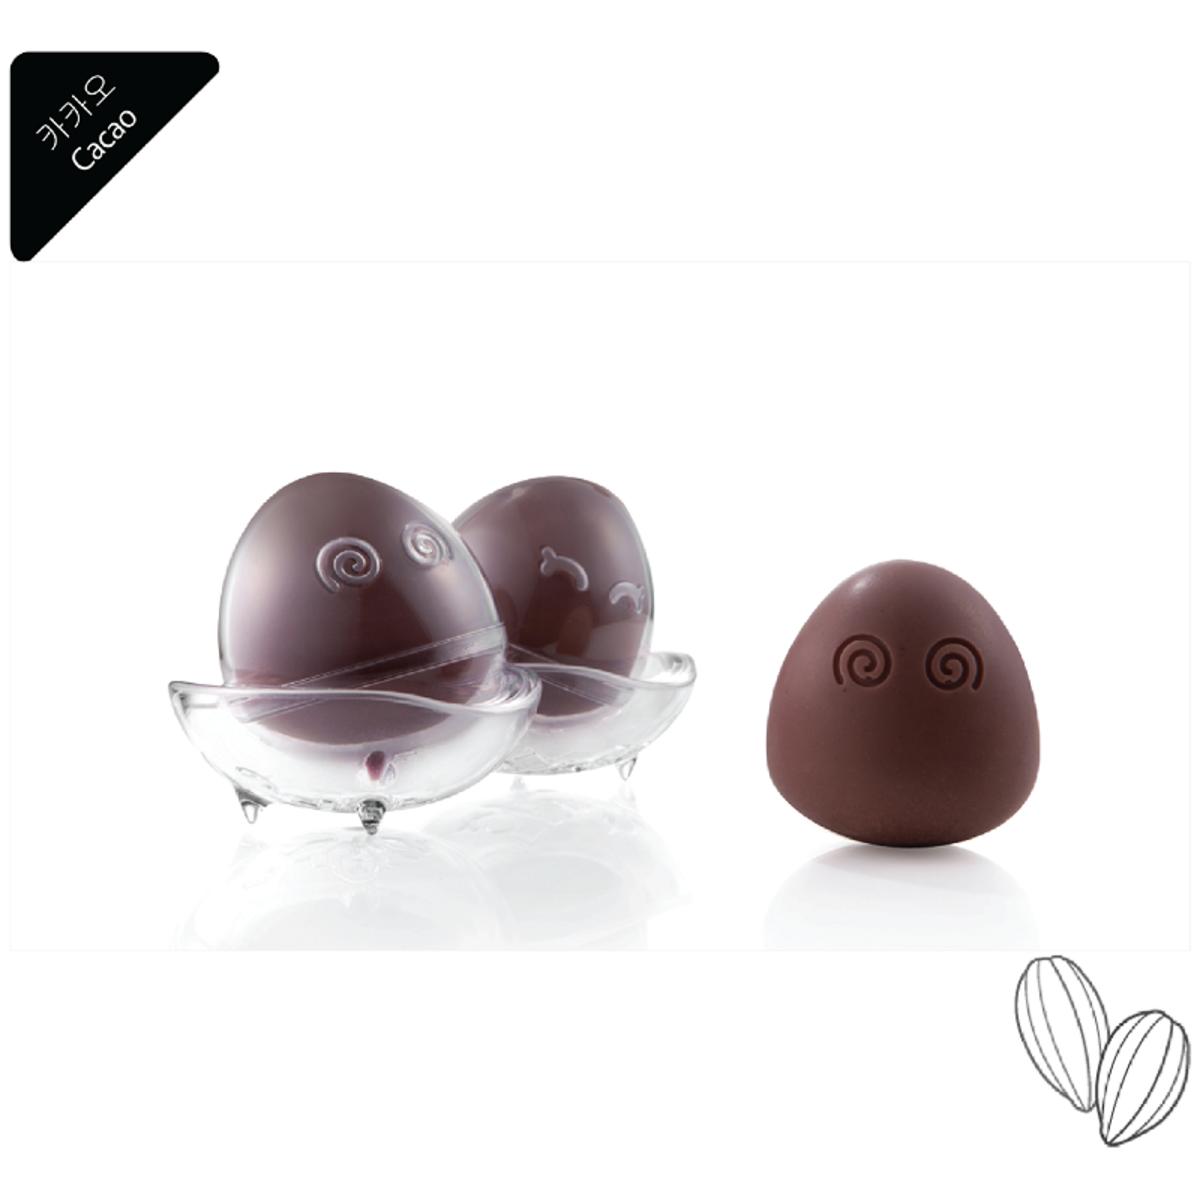 荷蘭可可 天然有機潔面皂-1件蛋形套裝